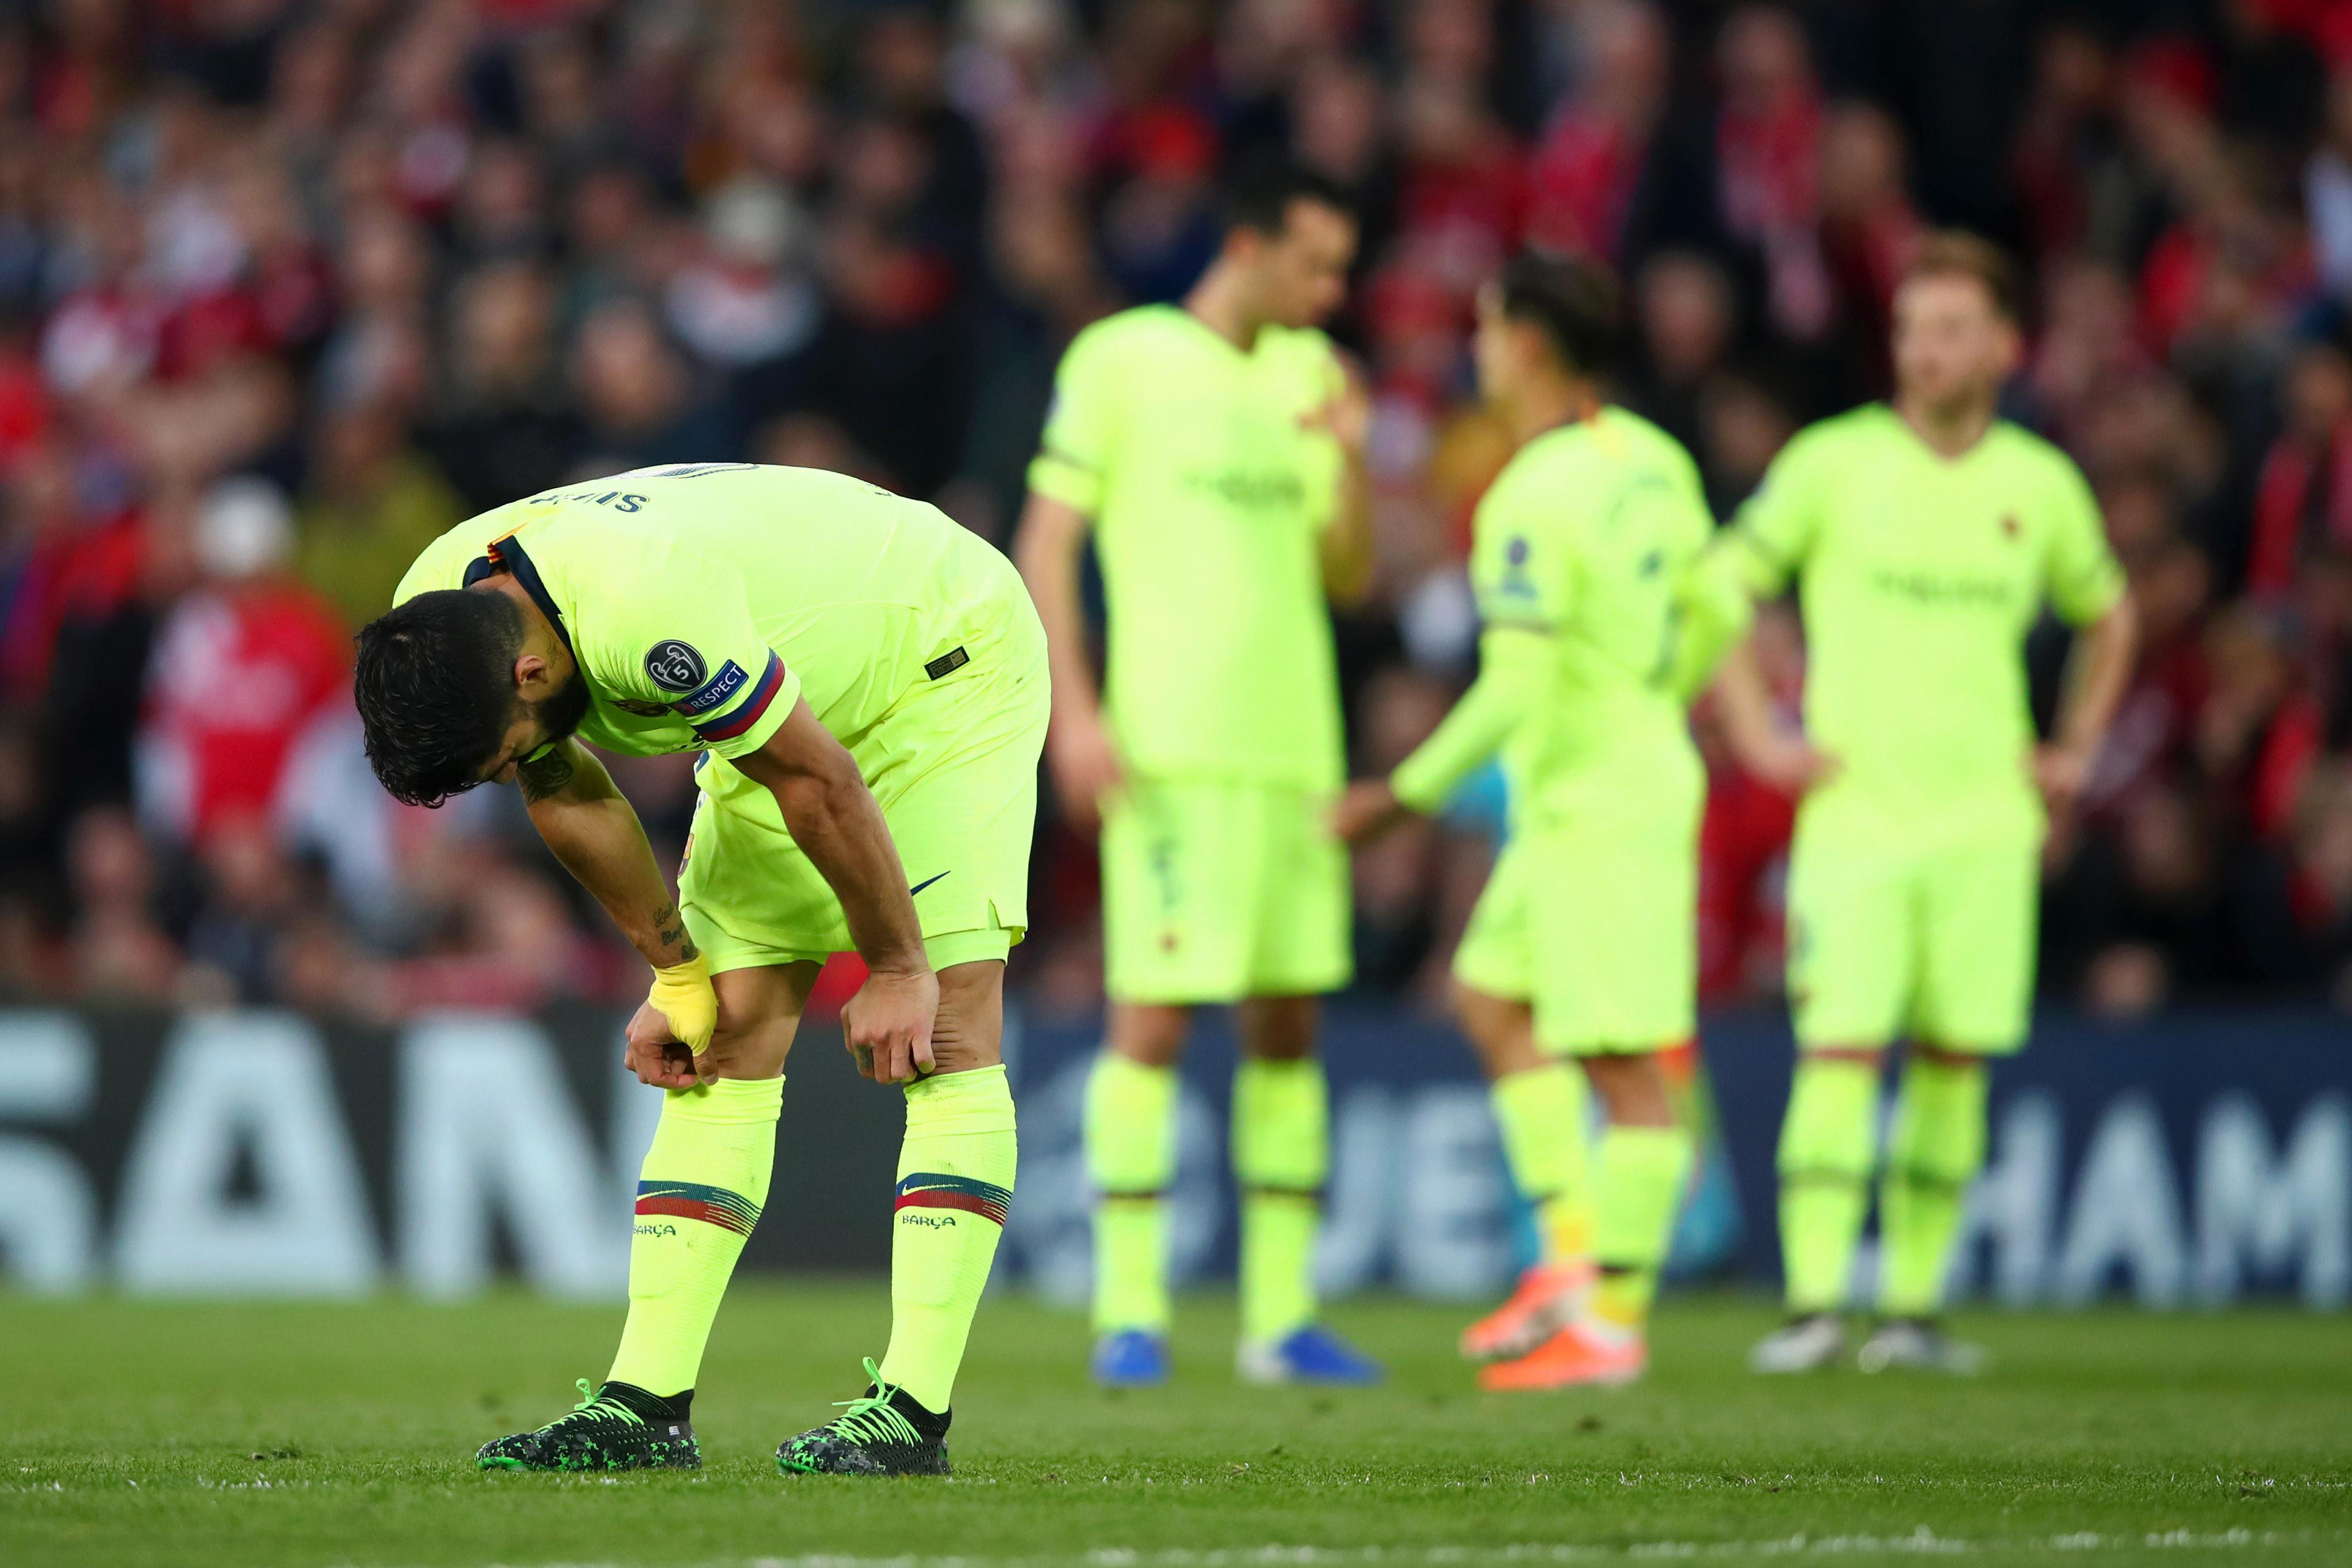 لیورپول 4 - بارسلونا 0 | یک بار دیگر معجزه فوتبال و کامبک رویایی قرمزها در آنفیلد